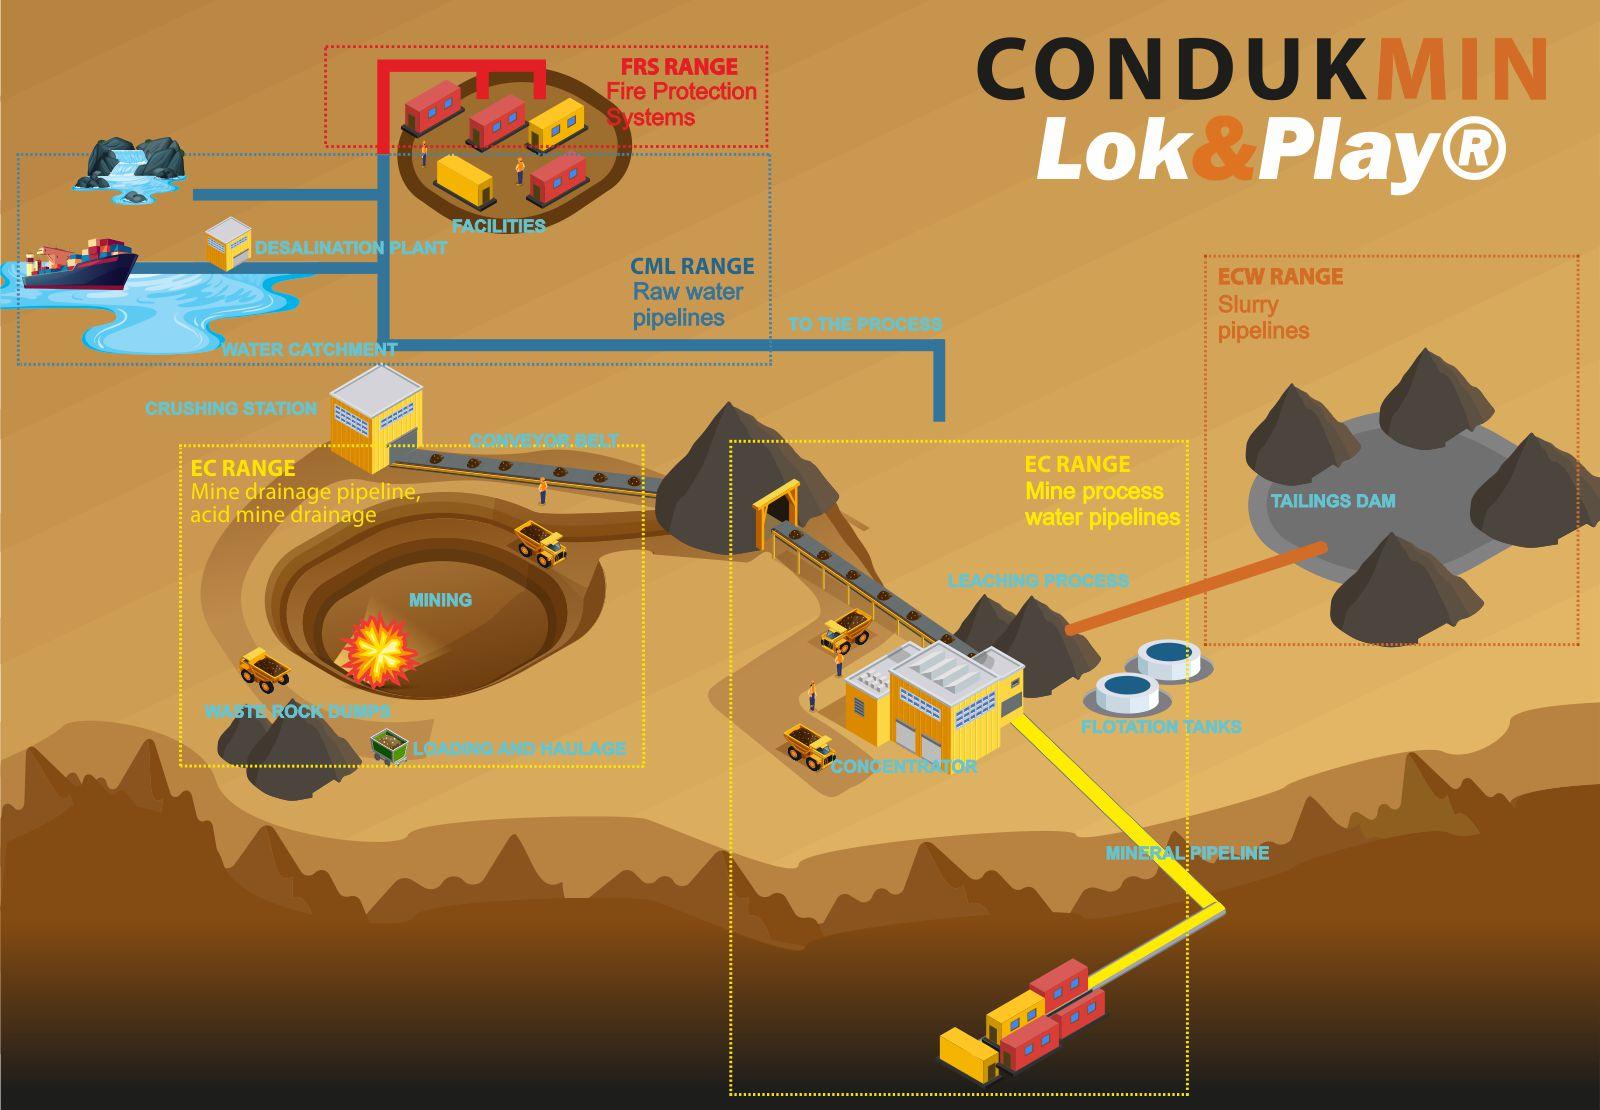 Gama CONDUKMIN Lok&Play